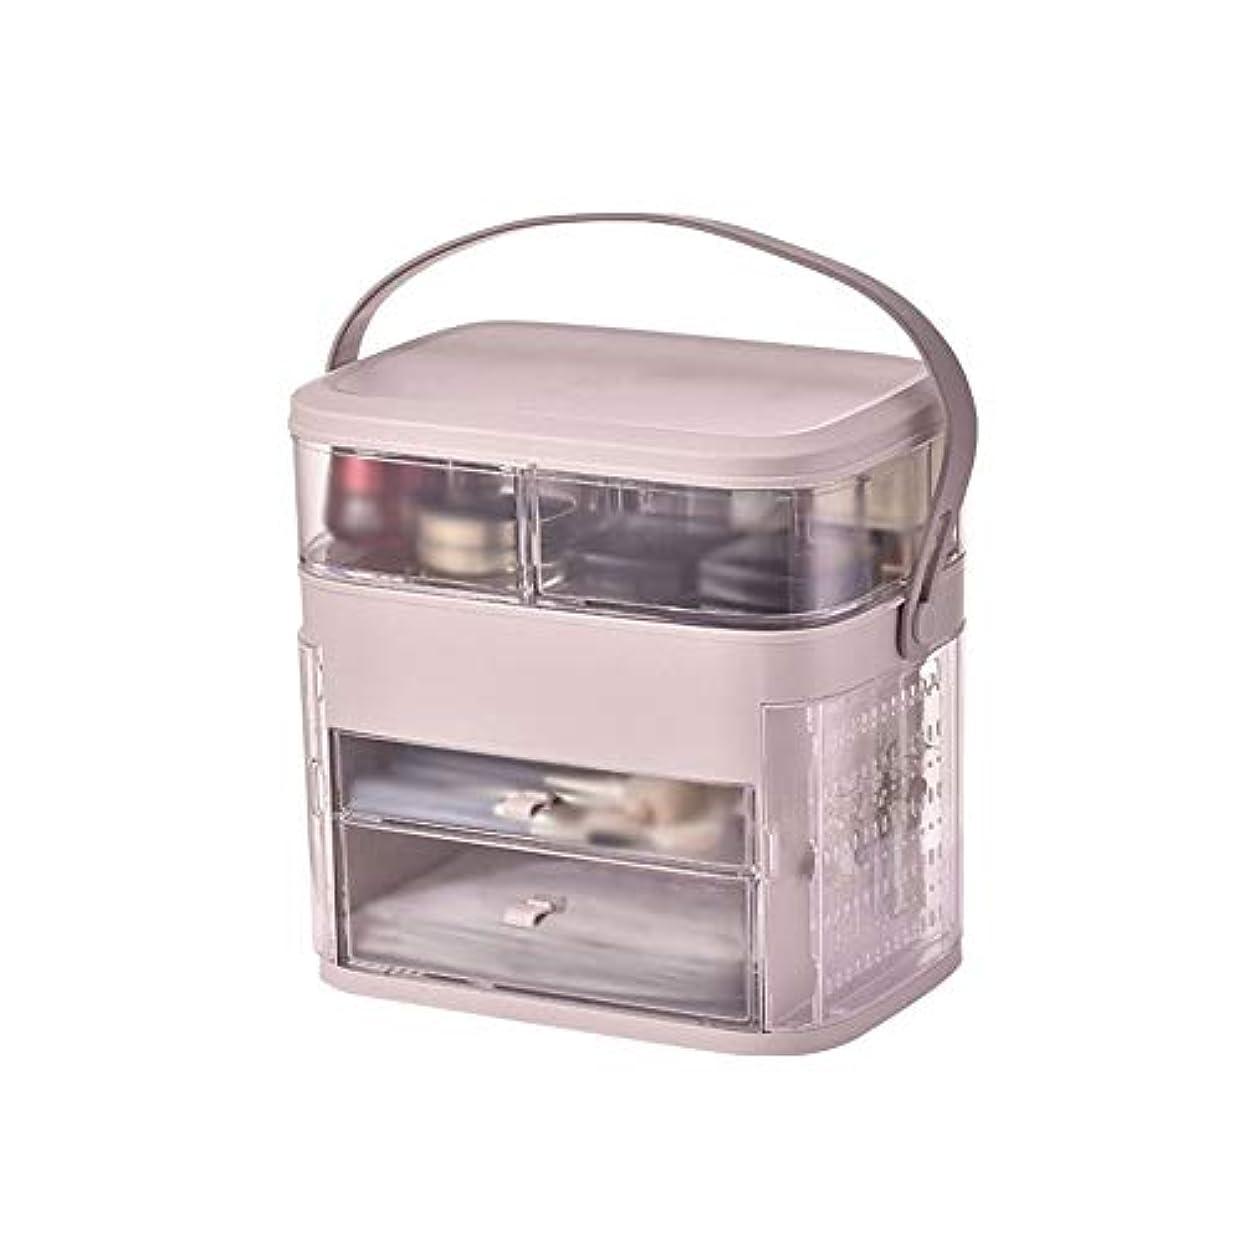 お父さんトンネル暴動メイクボックス イヤリング収納 コスメボックス 化粧品収納ボックス スキンケア用品収納 洗面所 透明 手提げ付き 持ち運び 旅行 トラベル 大容量 シンプル ジュエリー収納 ホワイト ピンク